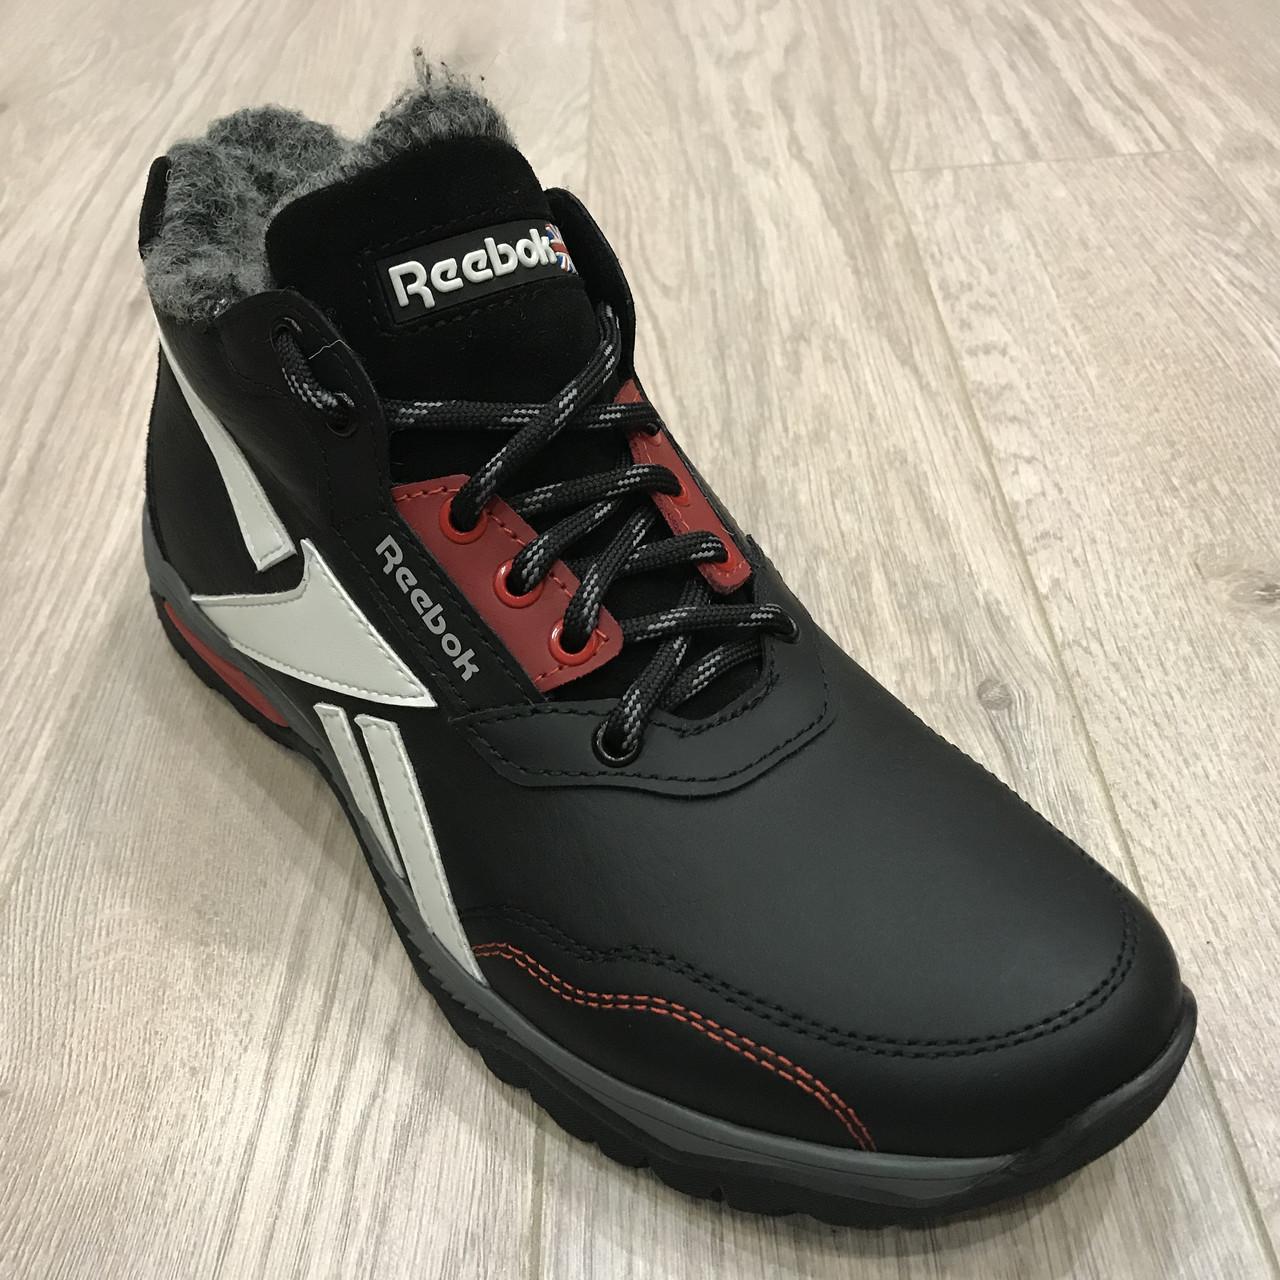 Мужские зимние кроссовки Reebok / черные / 45 р